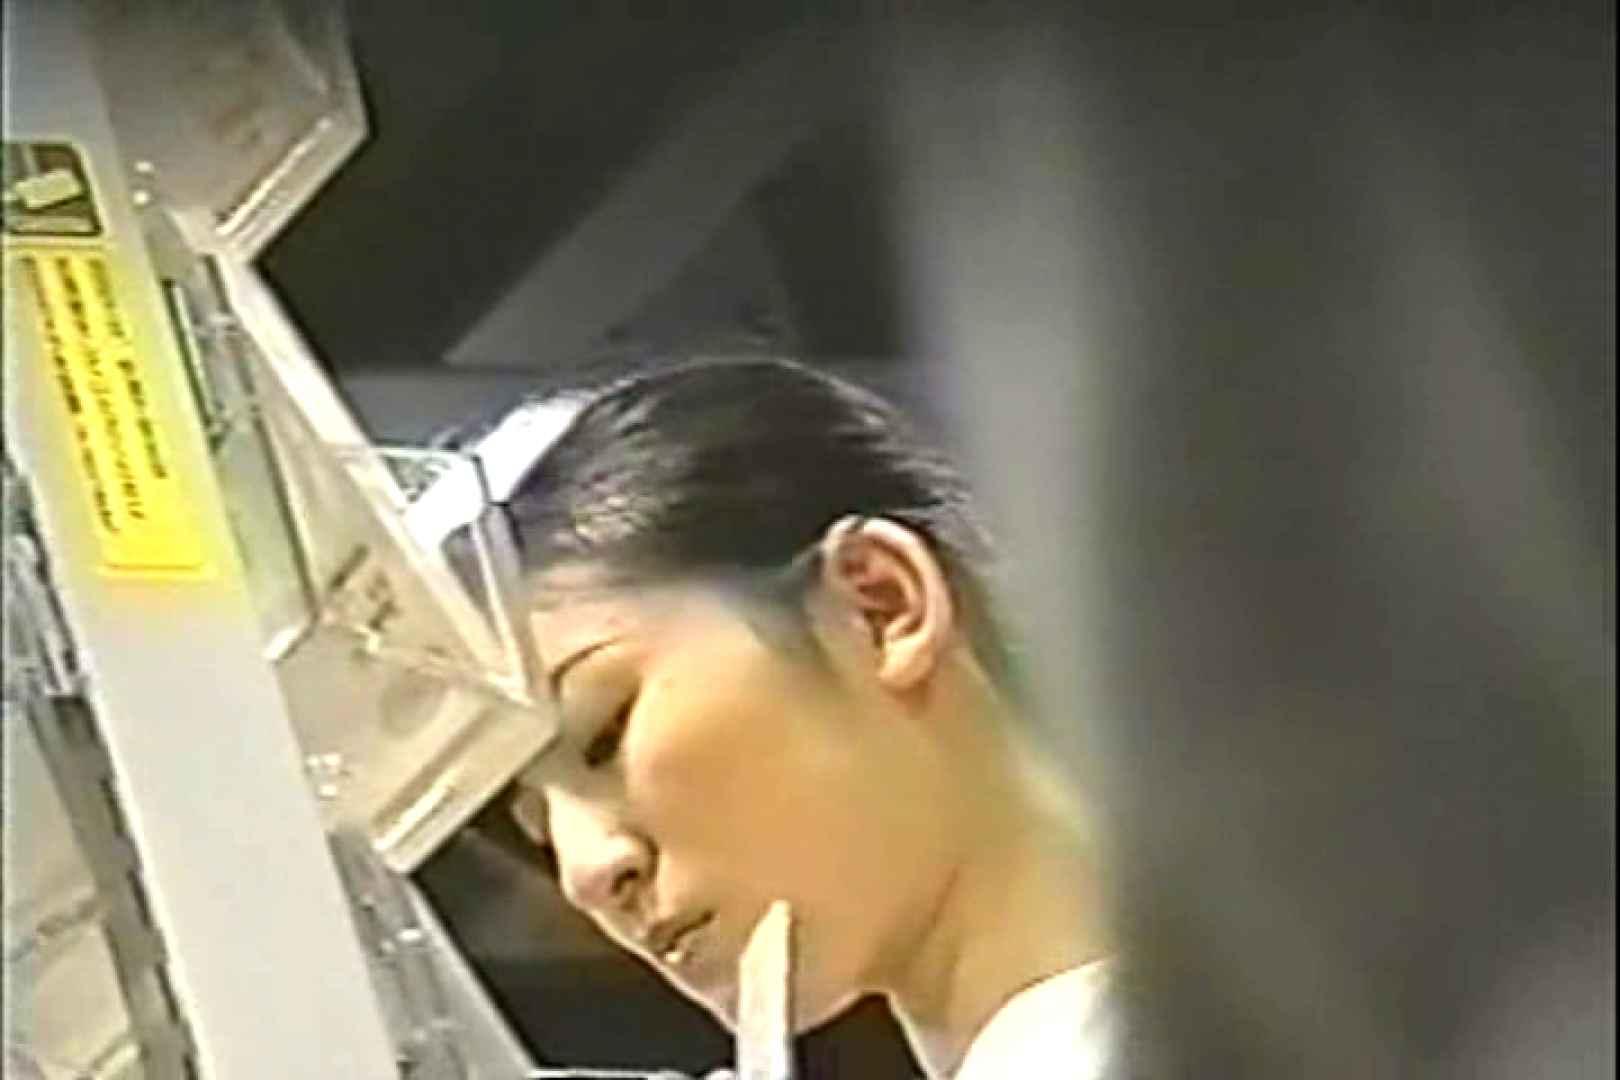 「ちくりん」さんのオリジナル未編集パンチラVol.3_01 レースクイーン   パンチラハメ撮り  40pic 31